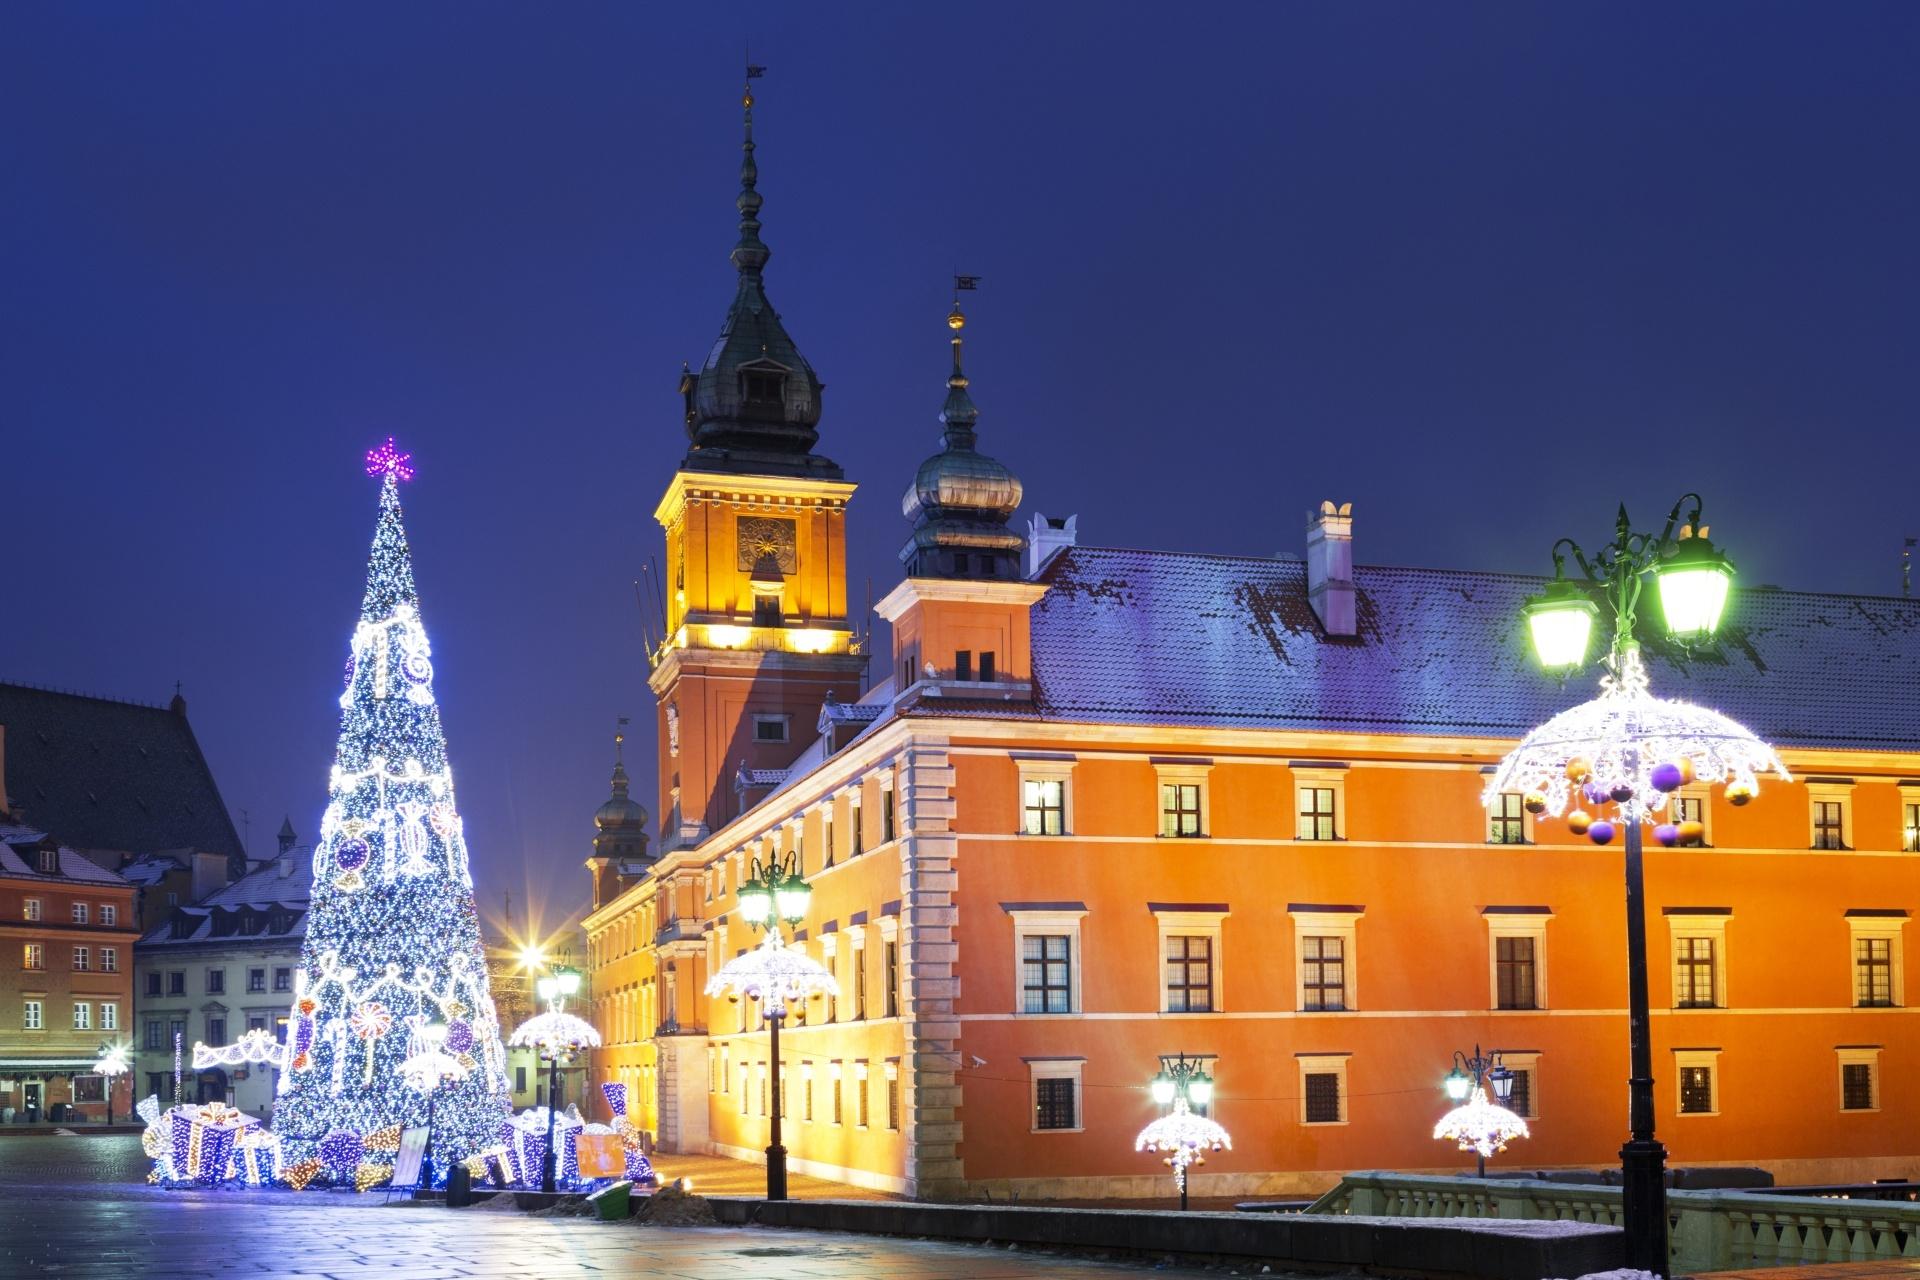 雪のワルシャワ クリスマスの風景 ポーランドの風景